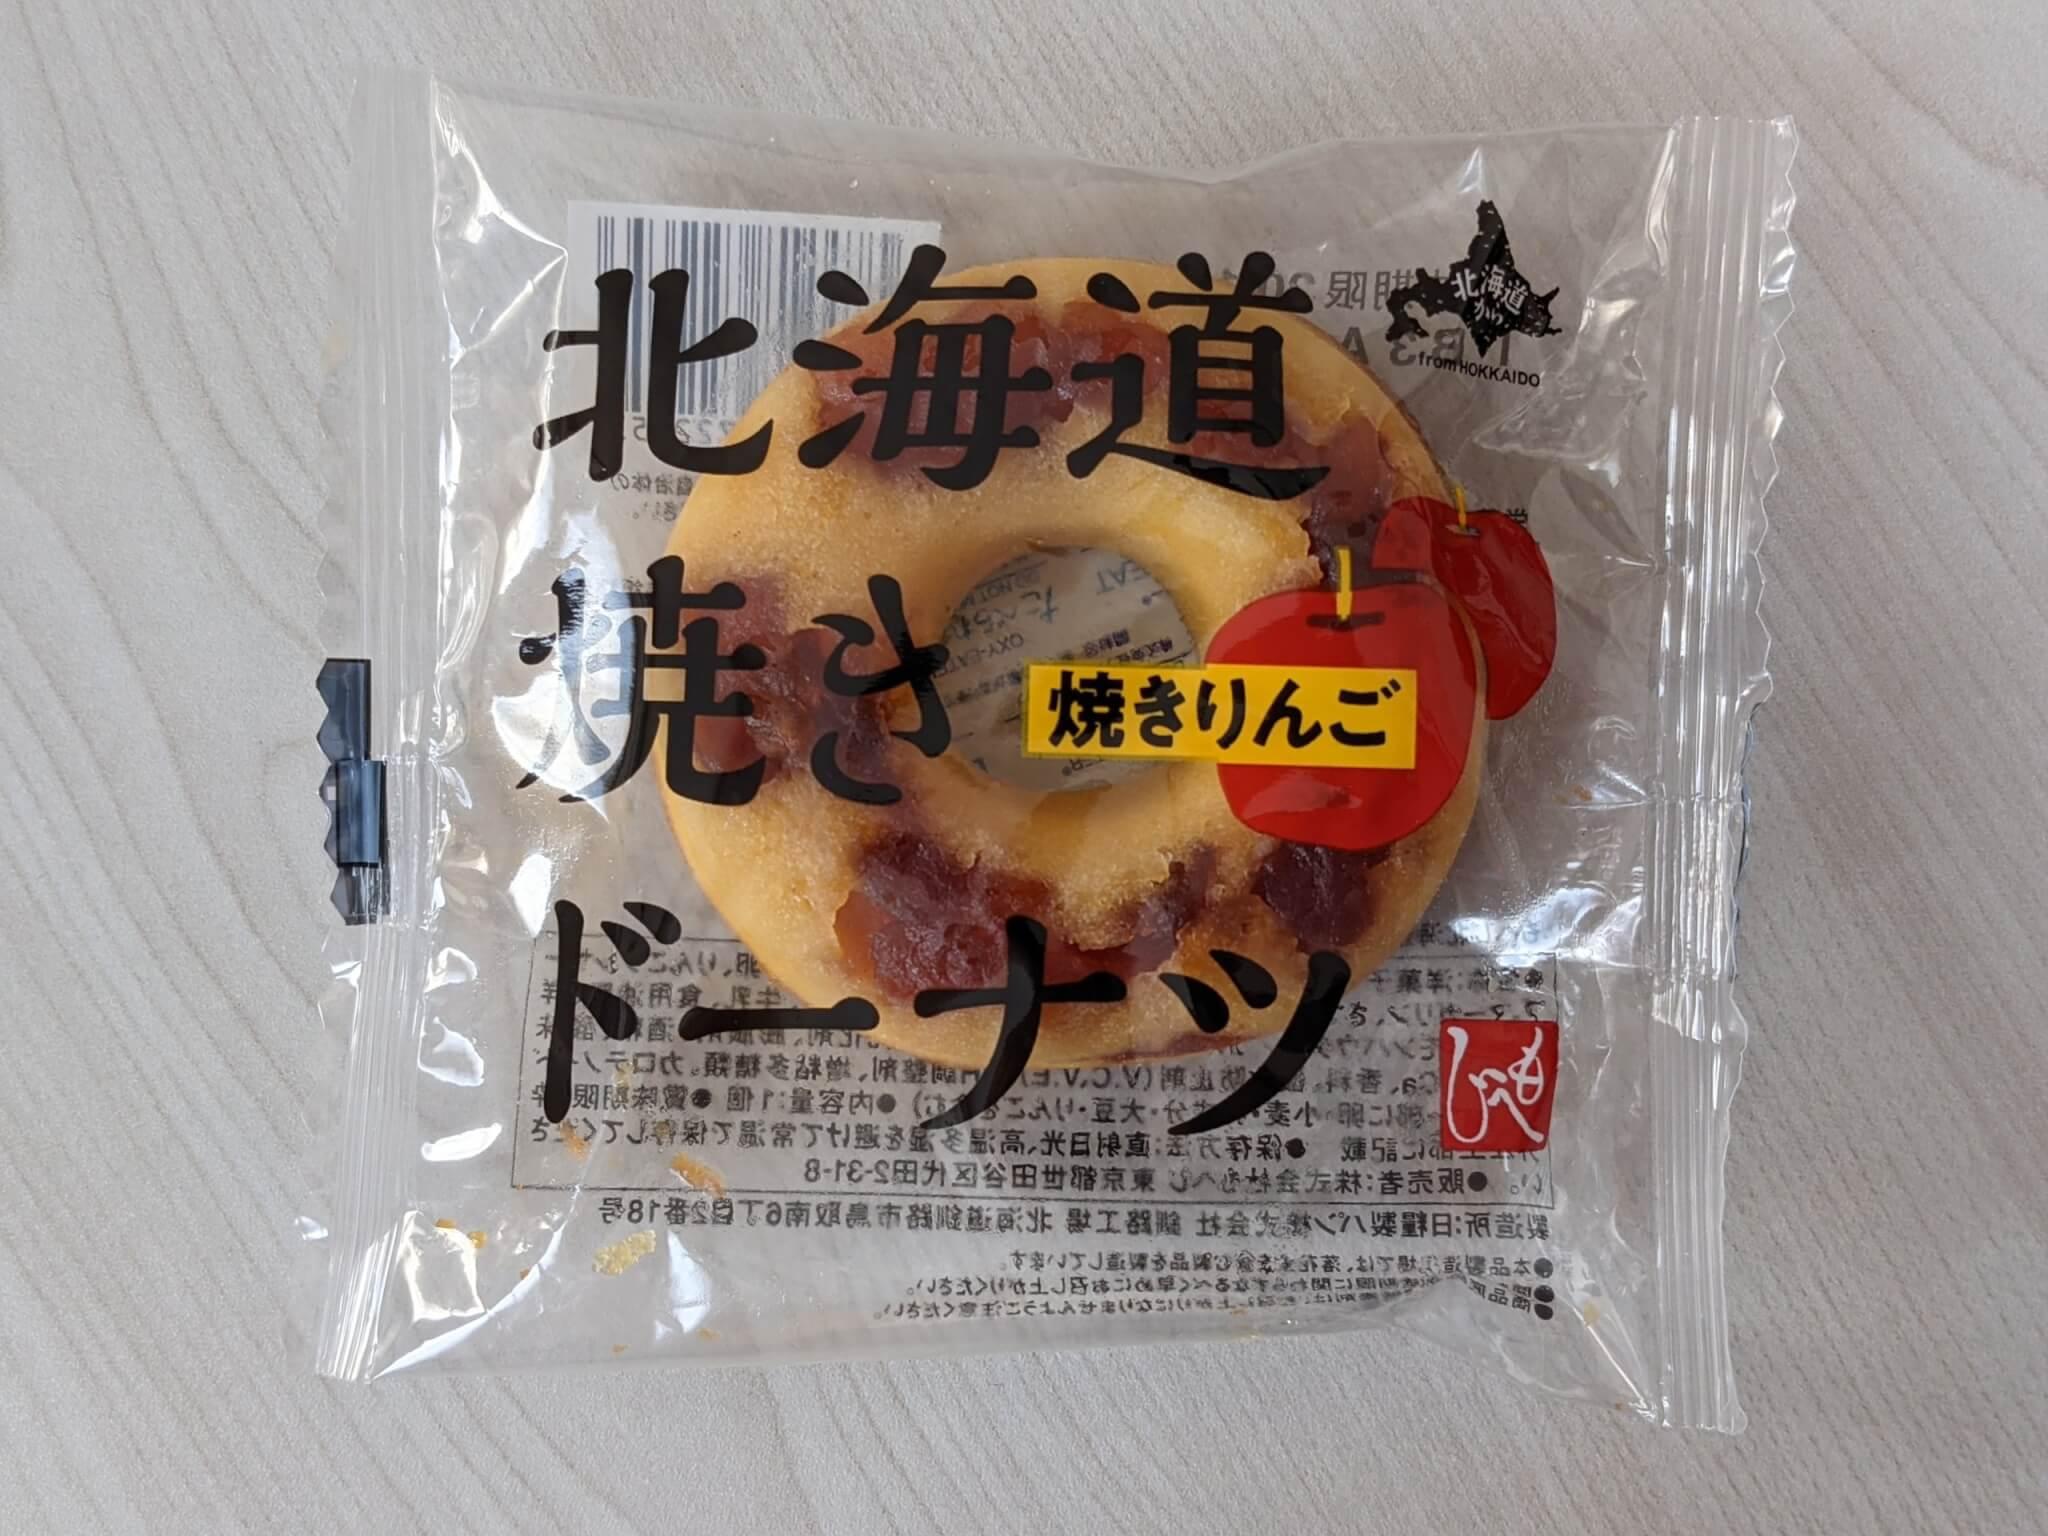 カルディ もへじ 北海道から 焼きドーナツ 焼きりんご